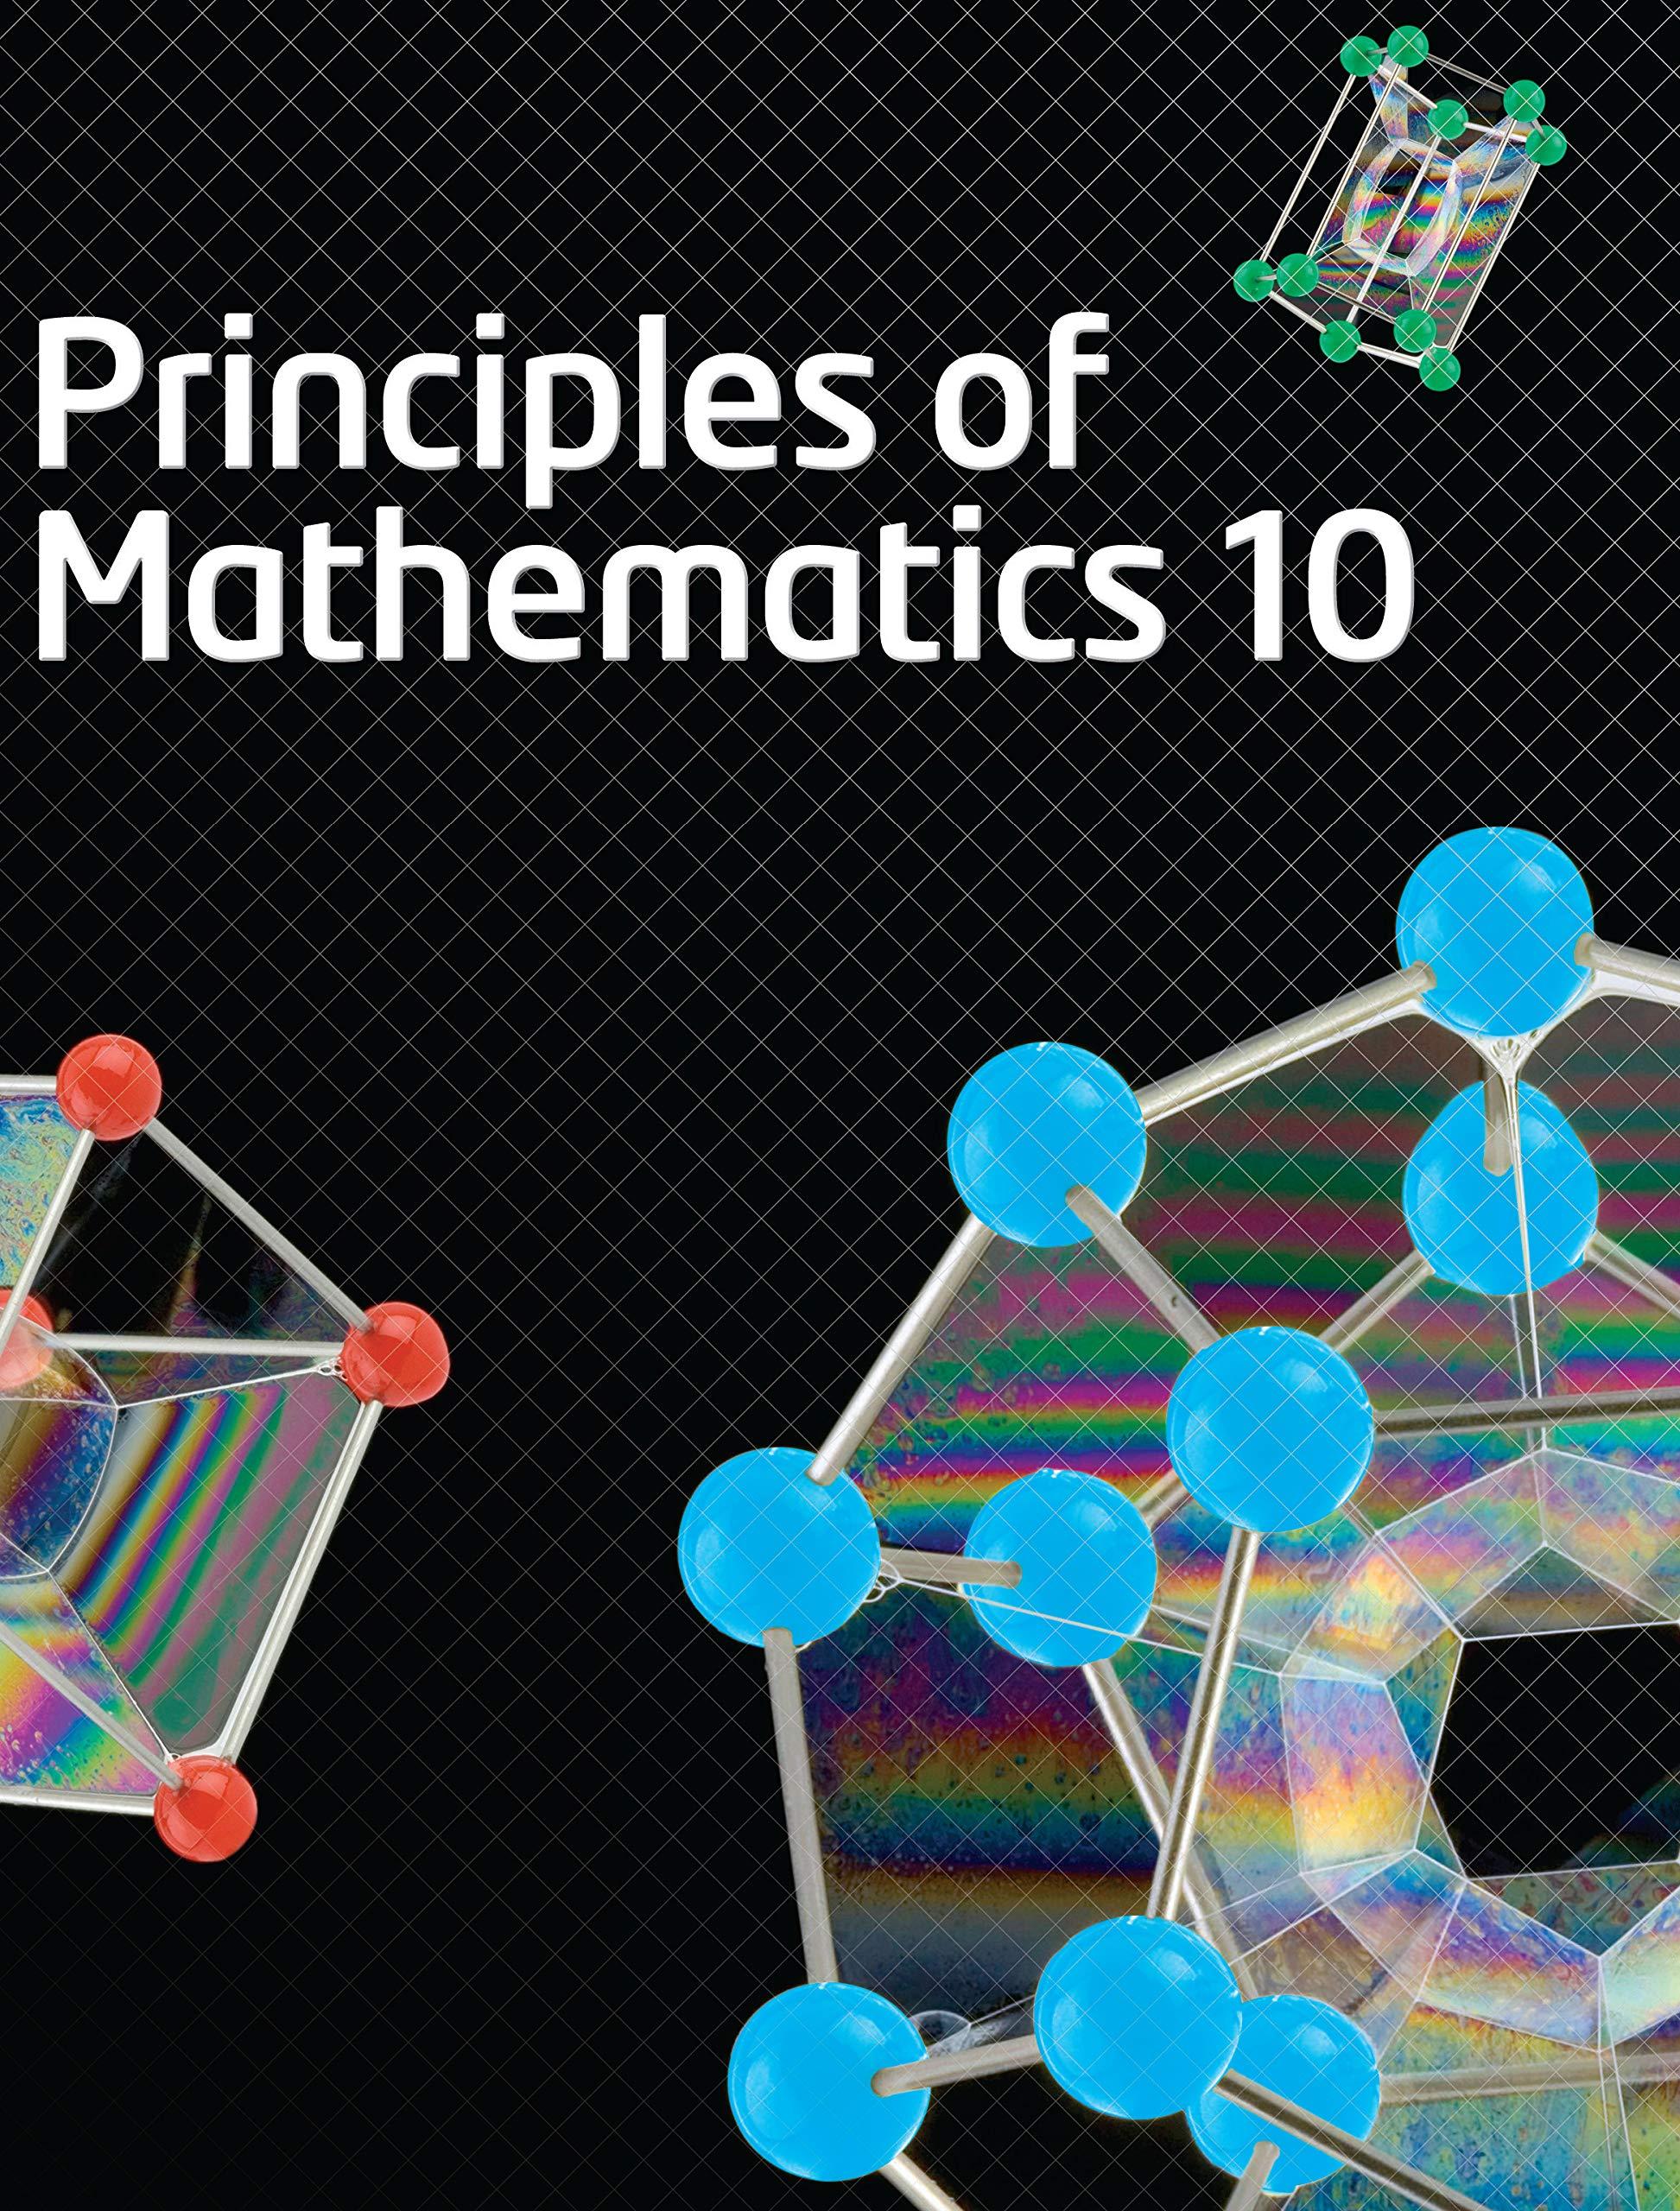 Principles of Mathematics, Grade 10, Academic, MPM2D